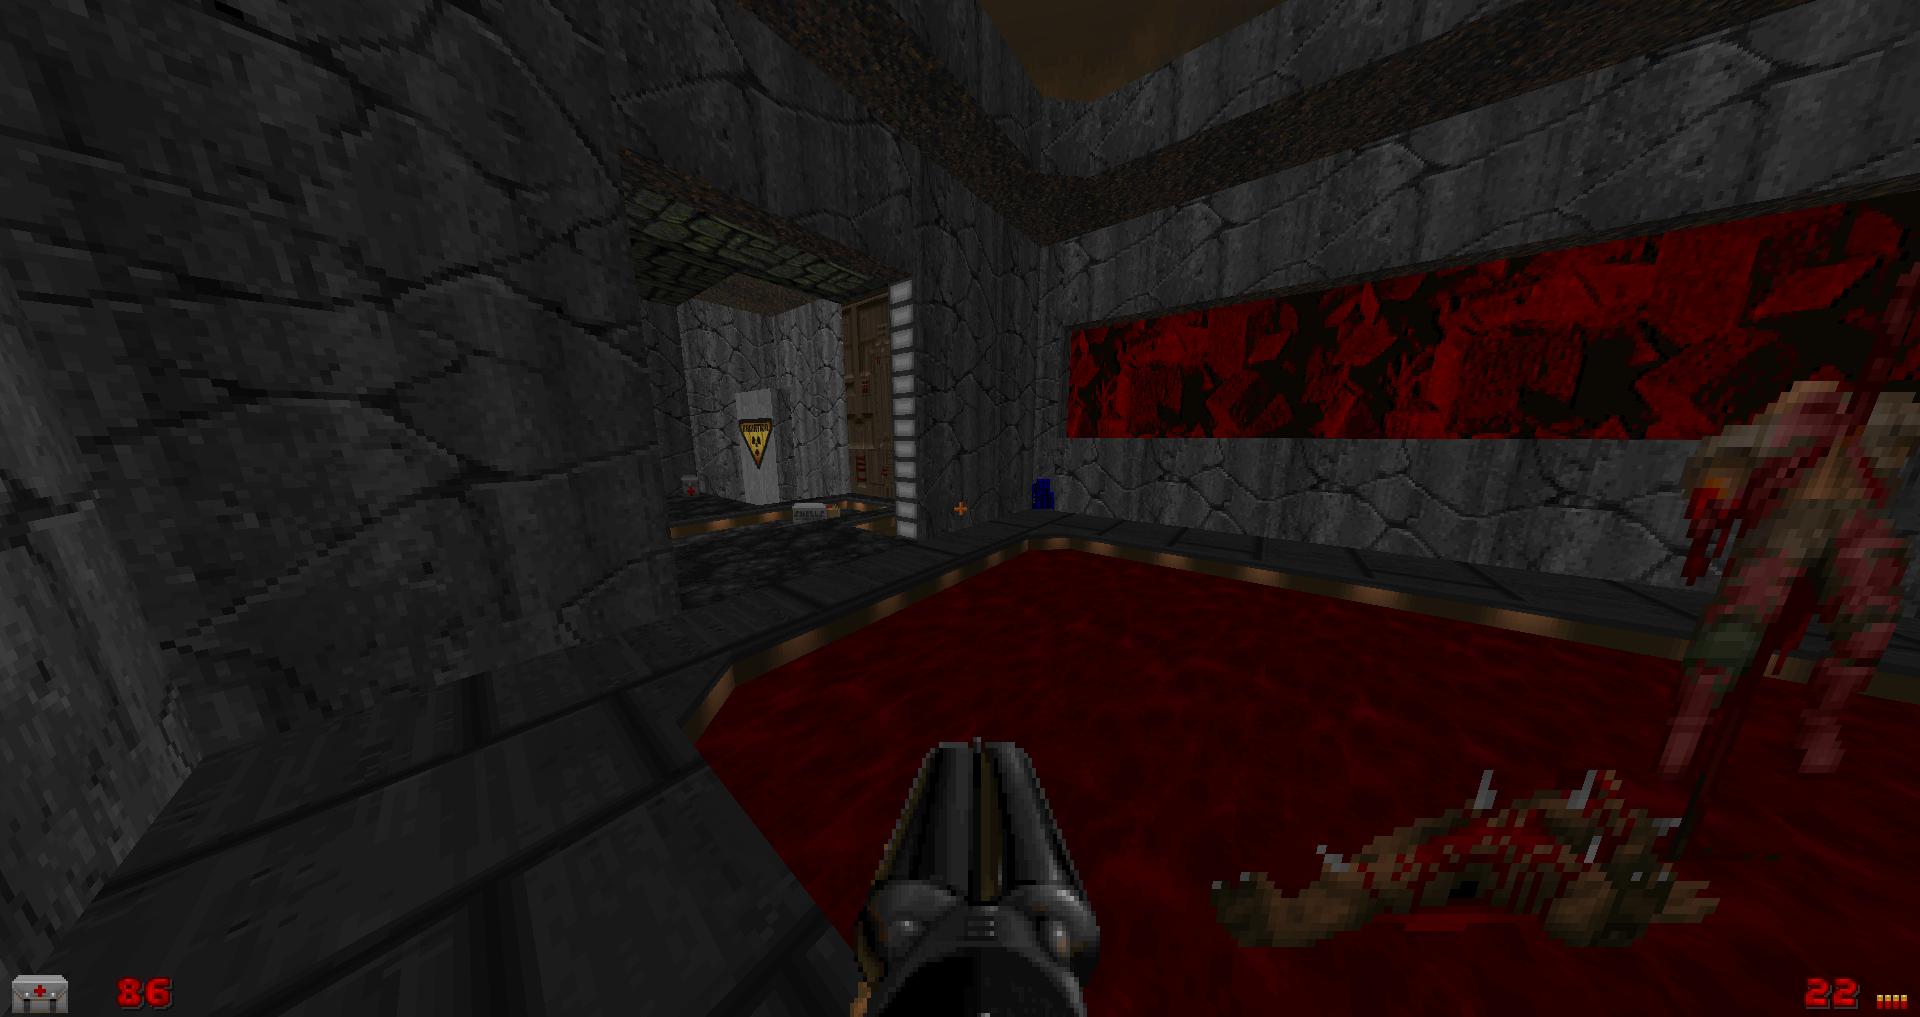 Screenshot_Doom_20200521_124858.png.a0103d132014223f6969f201a932a4fa.png